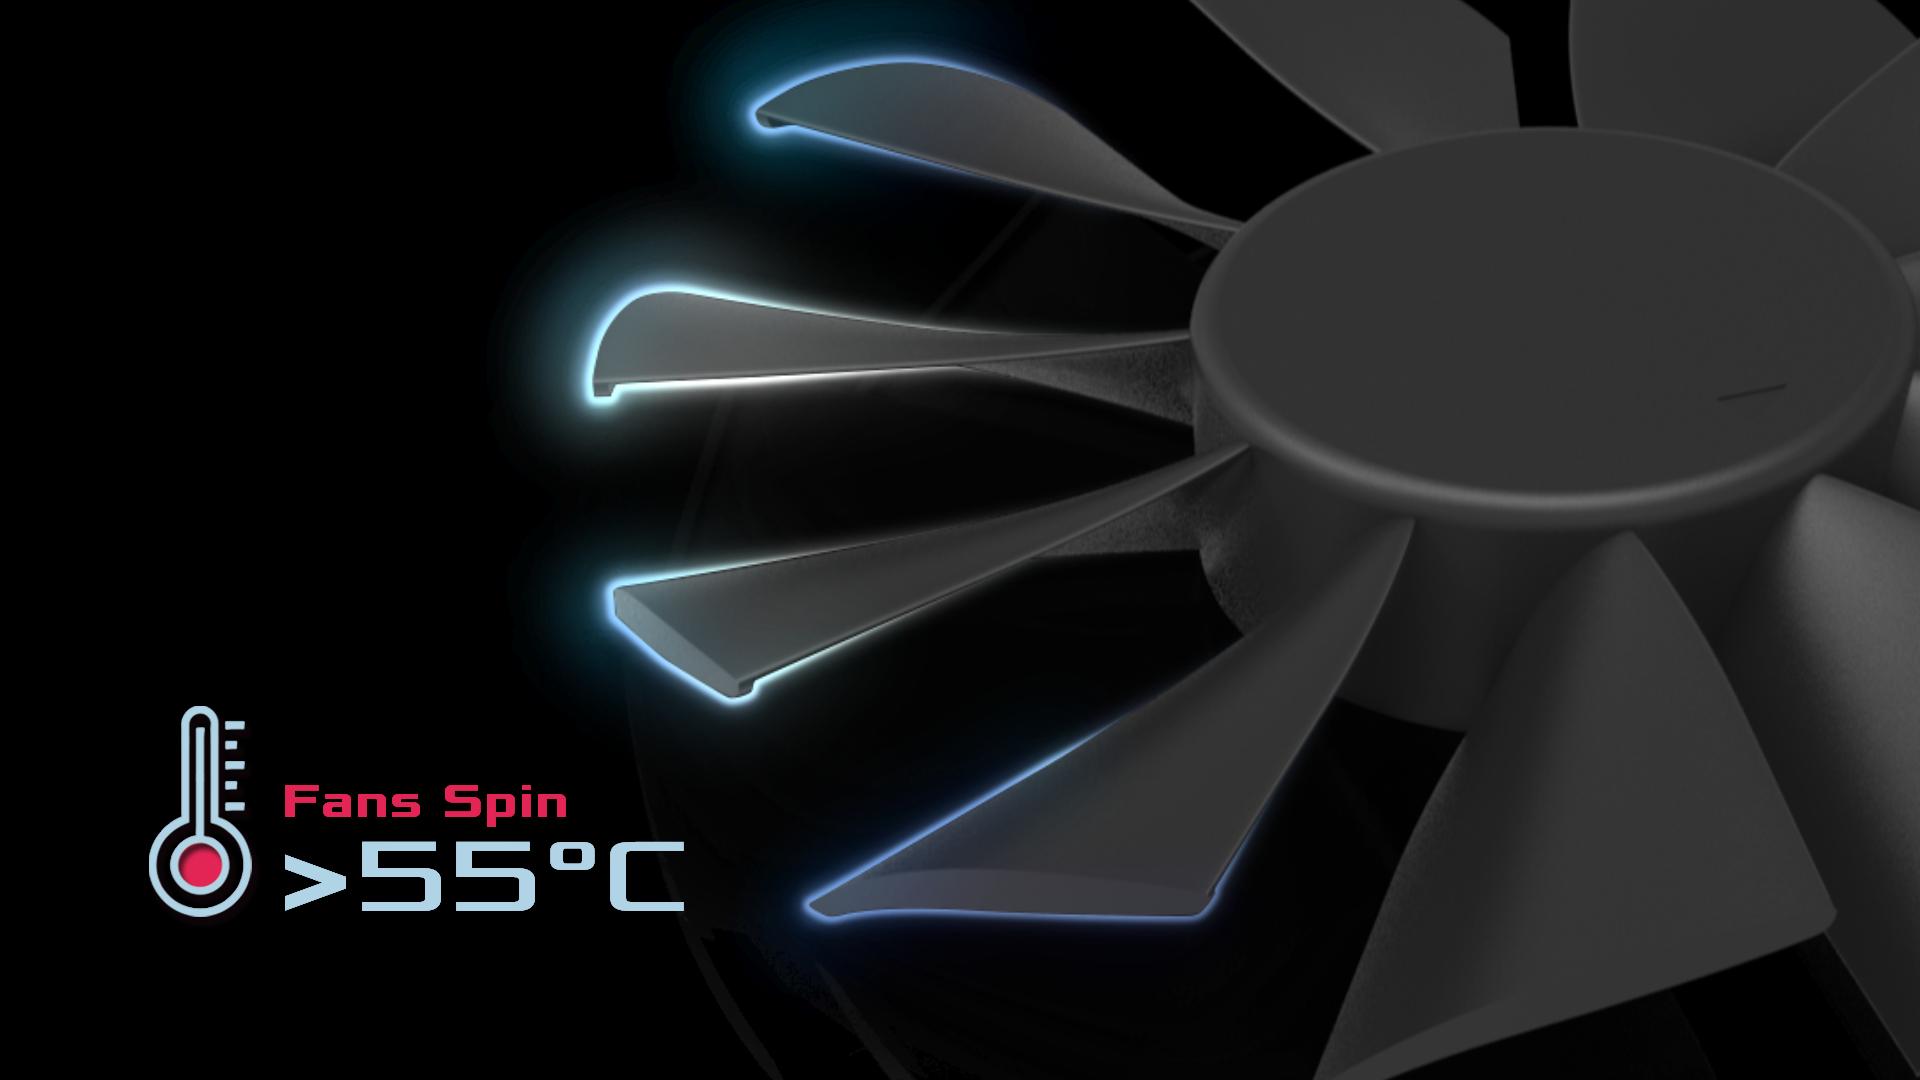 ASUS Dual GeForce RTX 2080 OC edition 8GB GDDR6 3